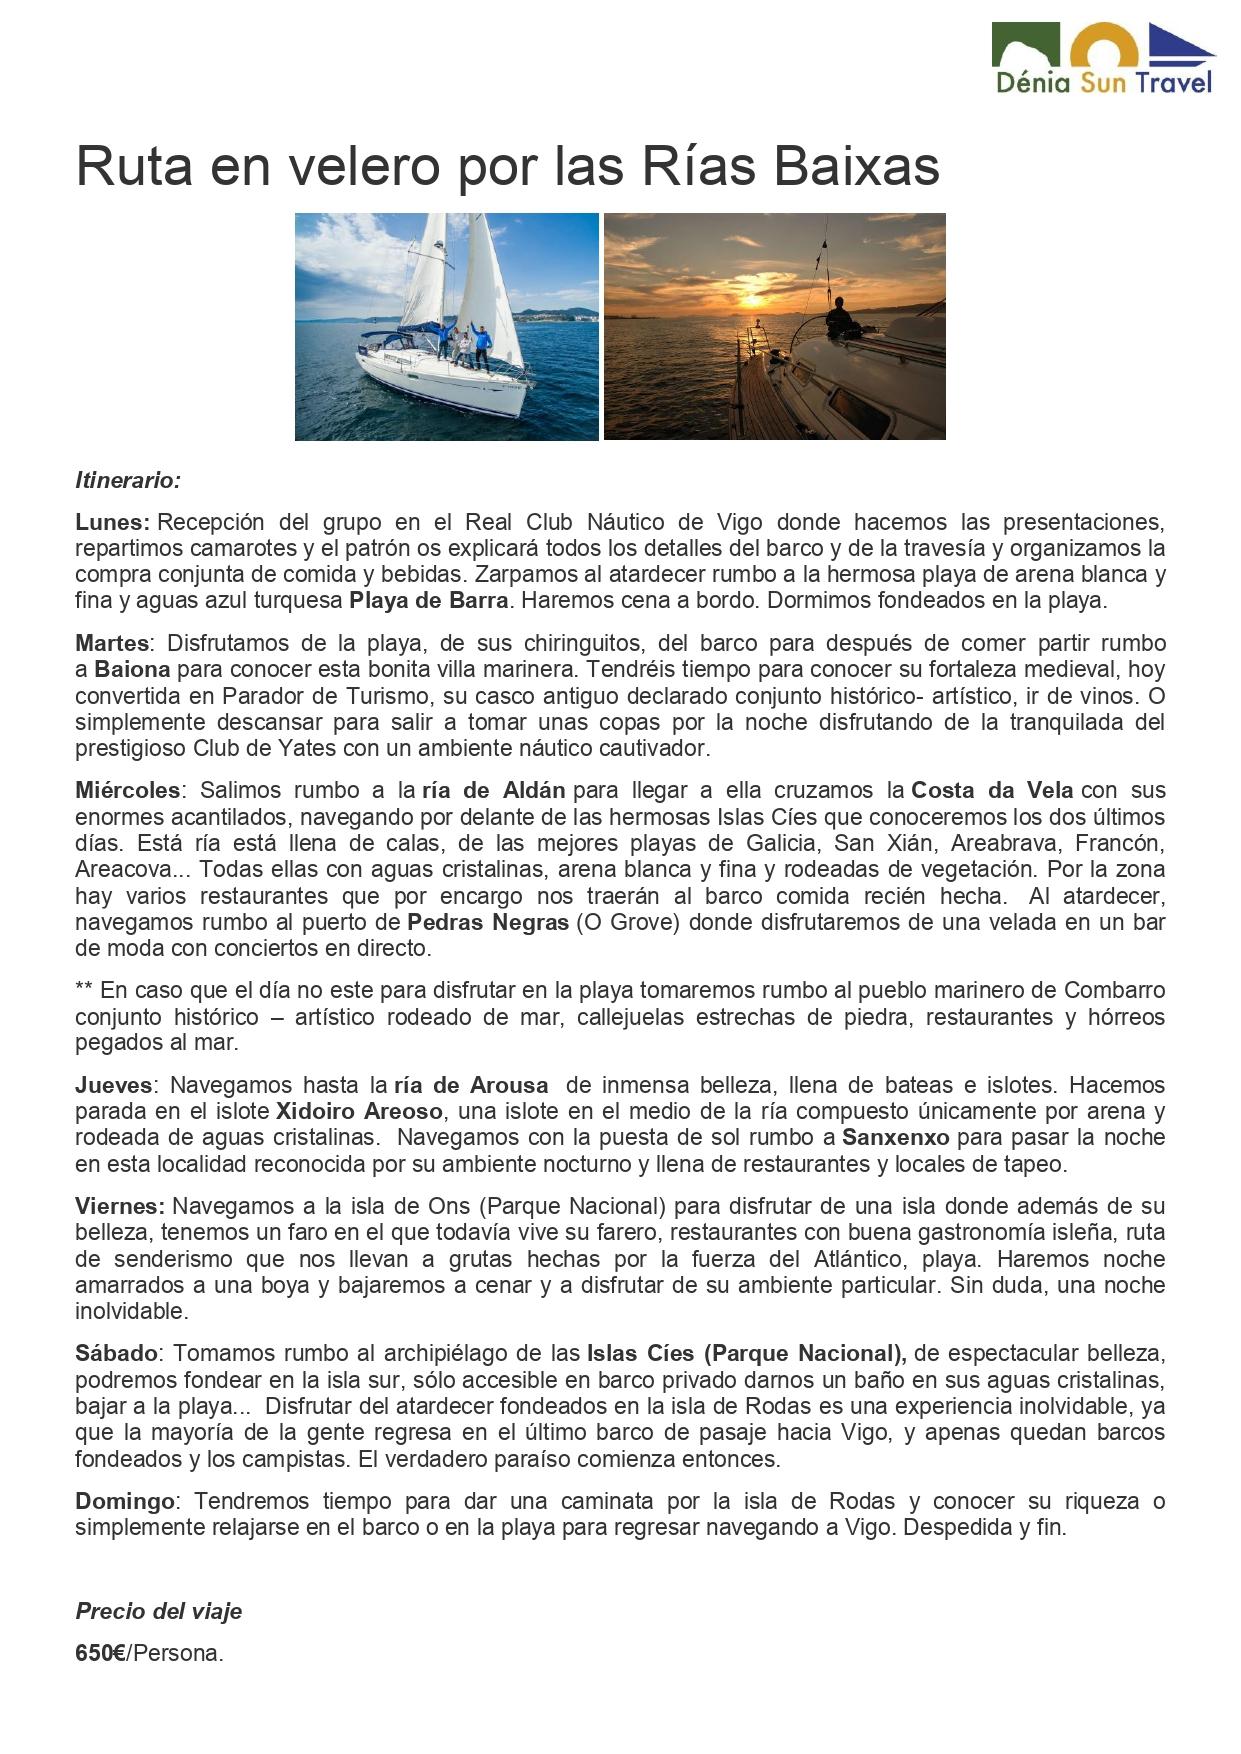 Ruta en velero por las Rías Baixas_page-0001